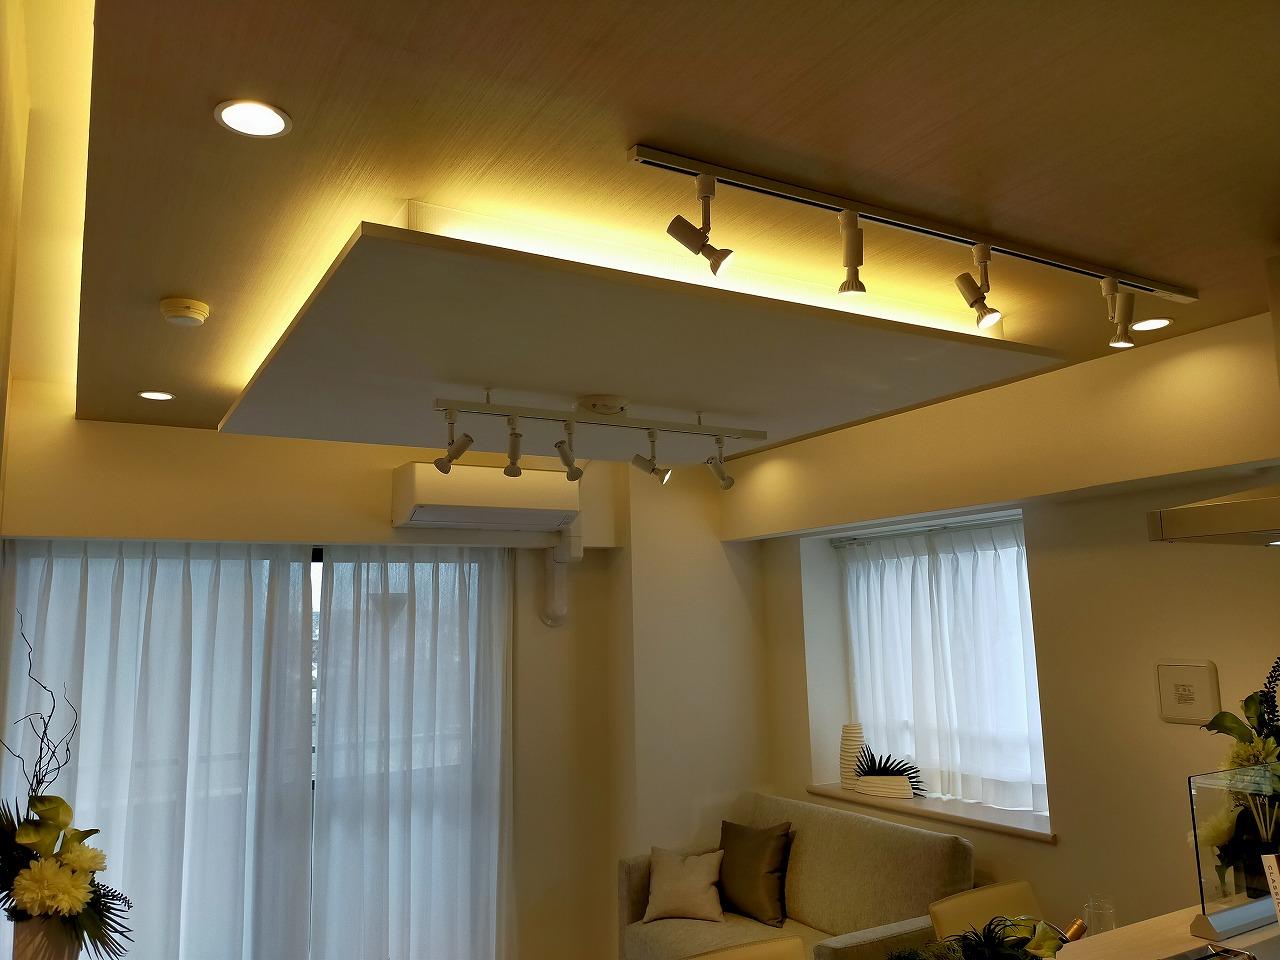 リビングの天井にはおしゃれなダウンライト設置